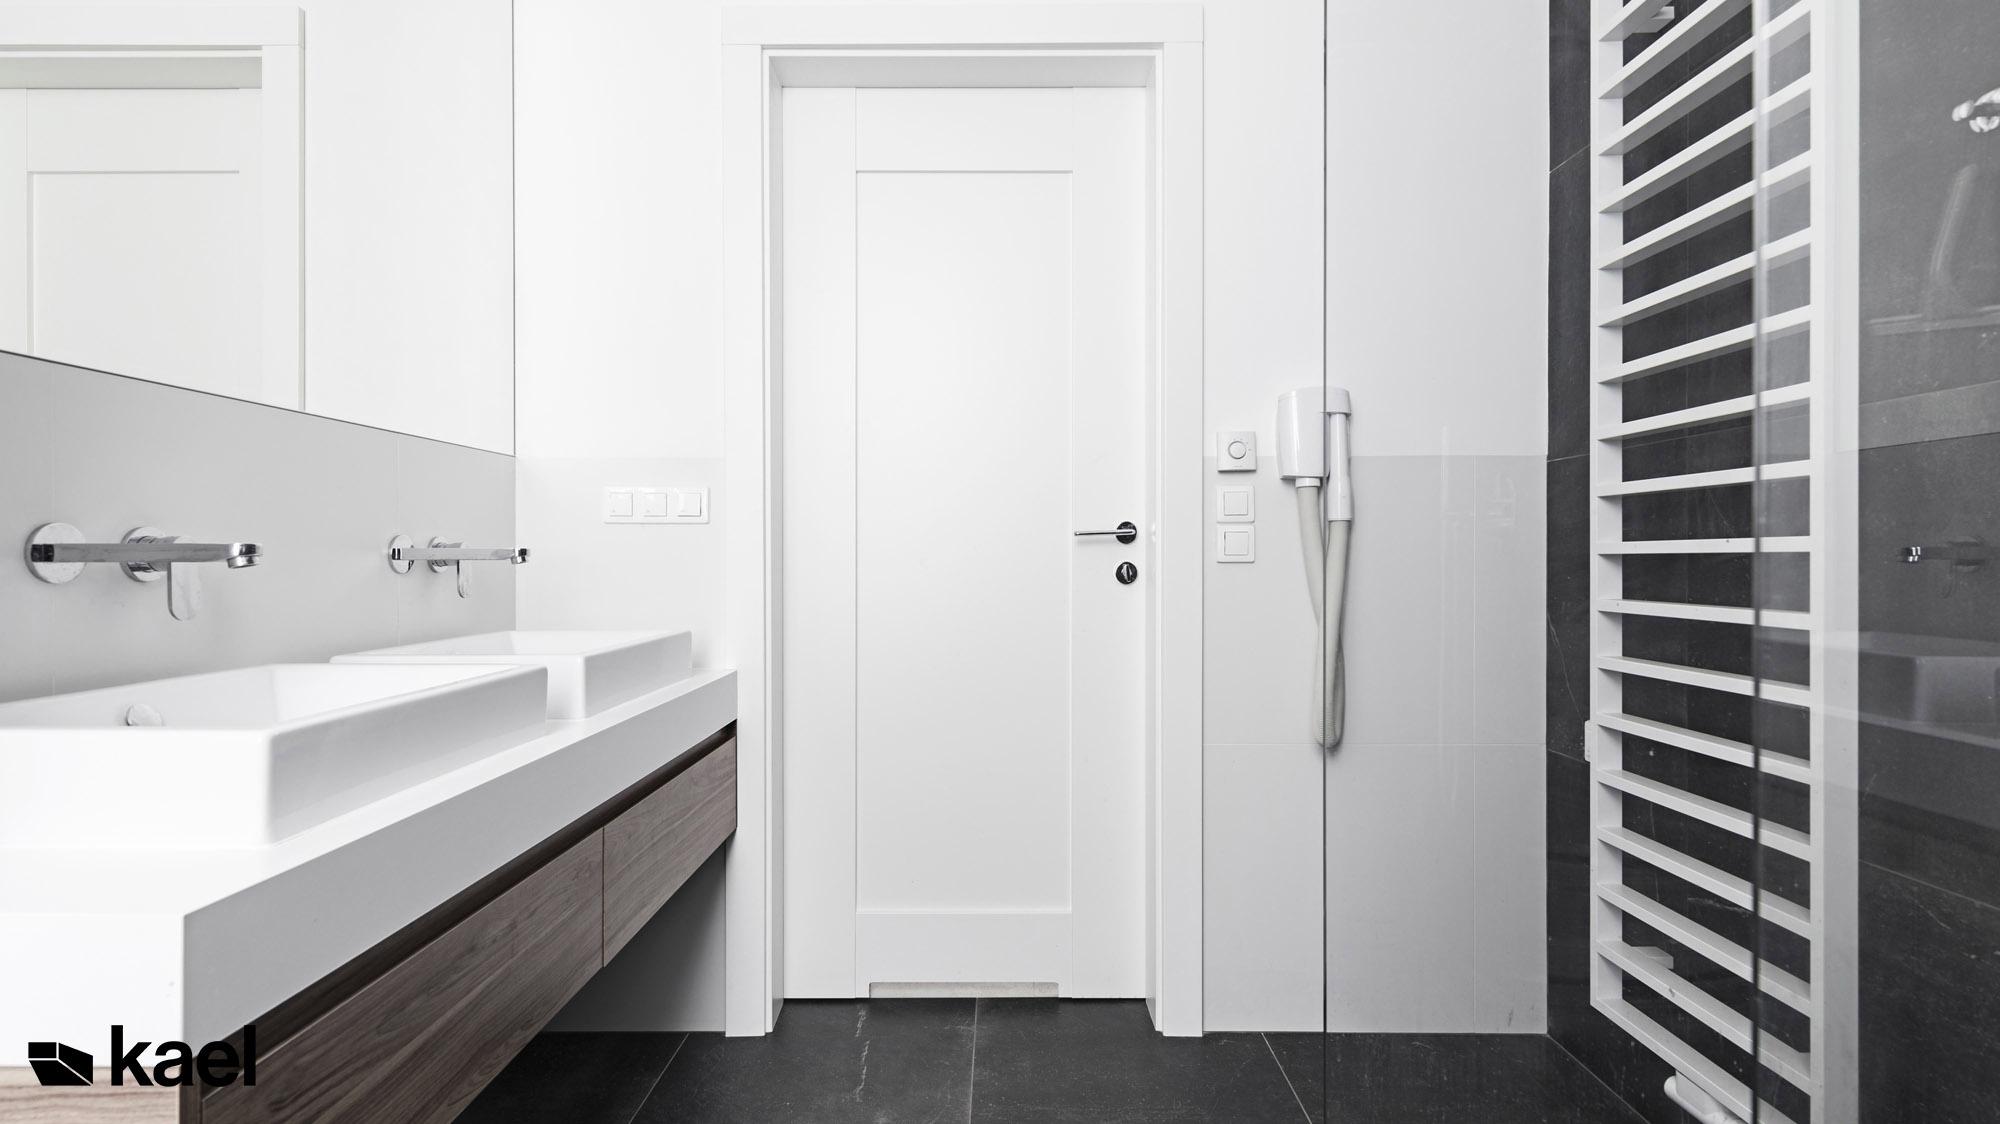 Łazienka, widok na drzwi - Czerwonych Dębów - projekt wnętrza domu jednorodzinnego